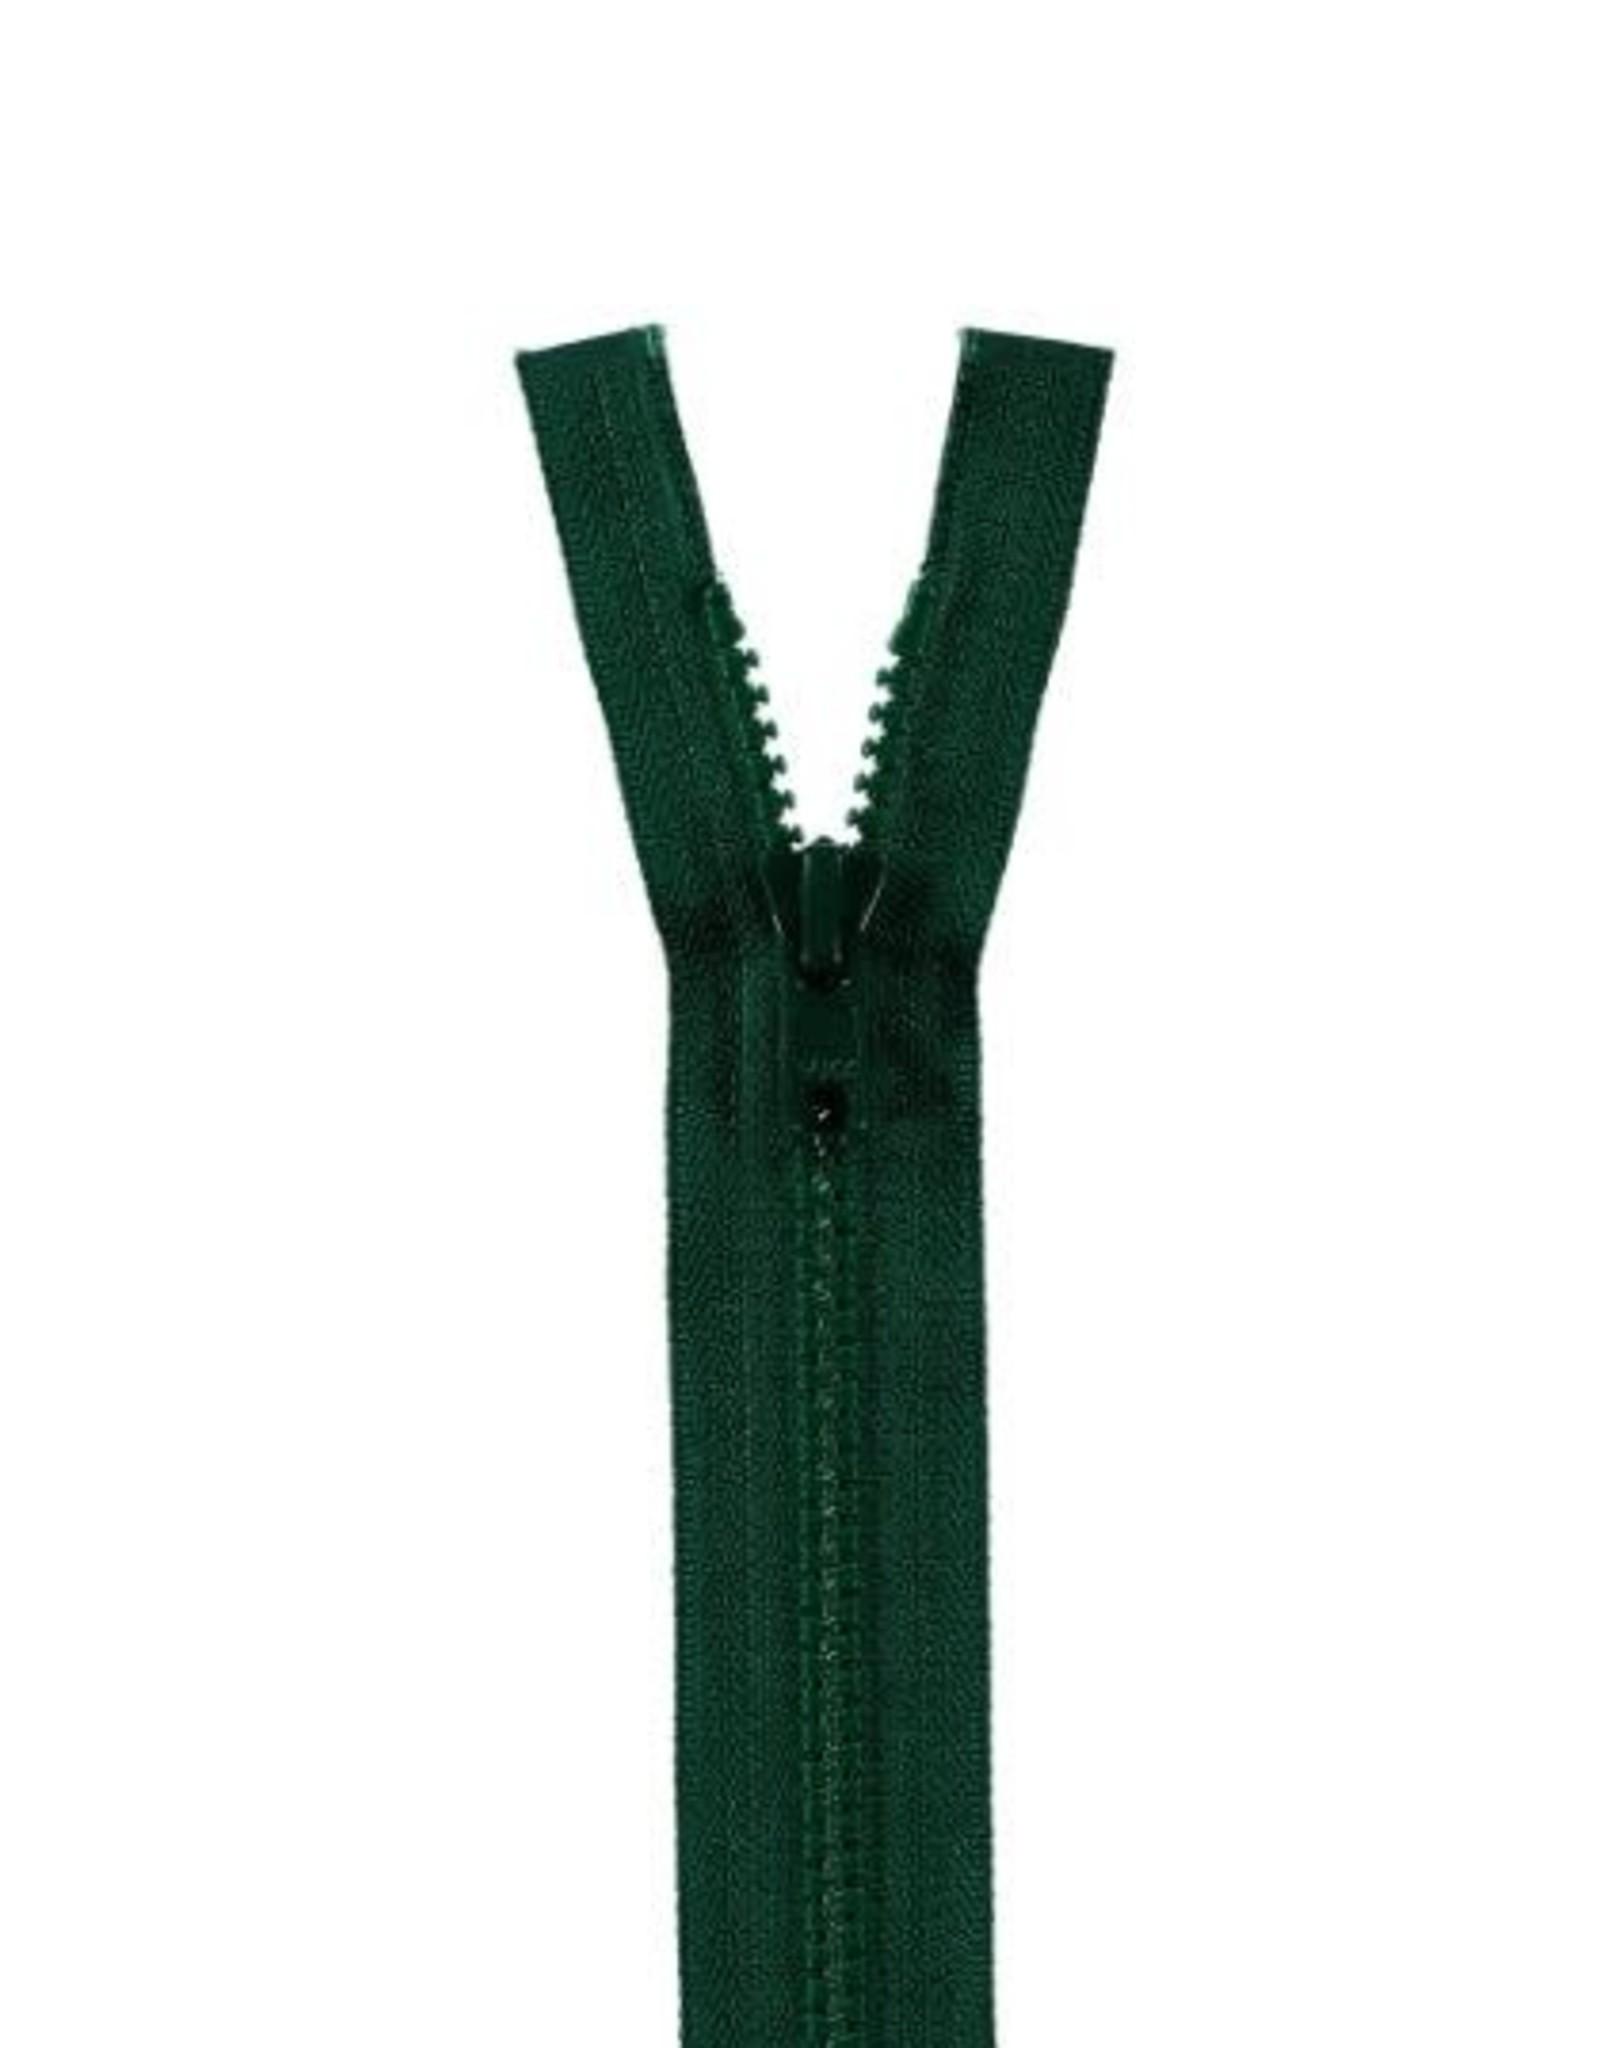 YKK BLOKRITS 5 DEELBAAR d. groen 890-30cm